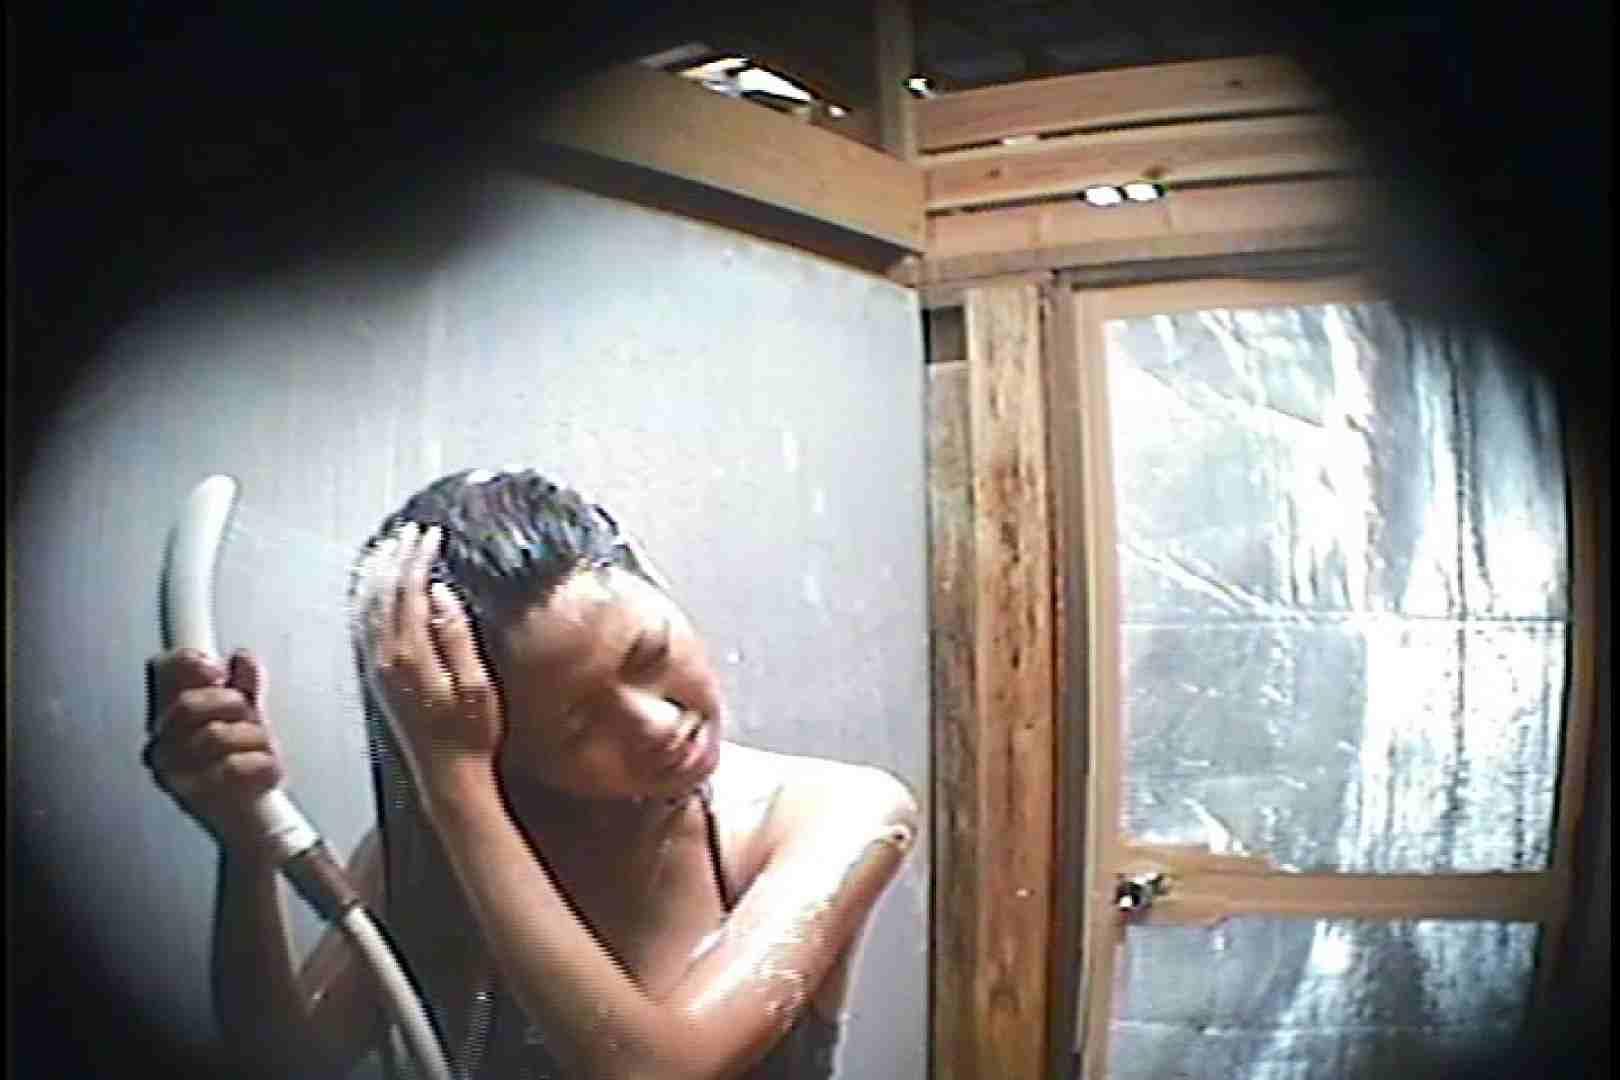 海の家の更衣室 Vol.45 シャワー中 | 美女達のヌード  64連発 29